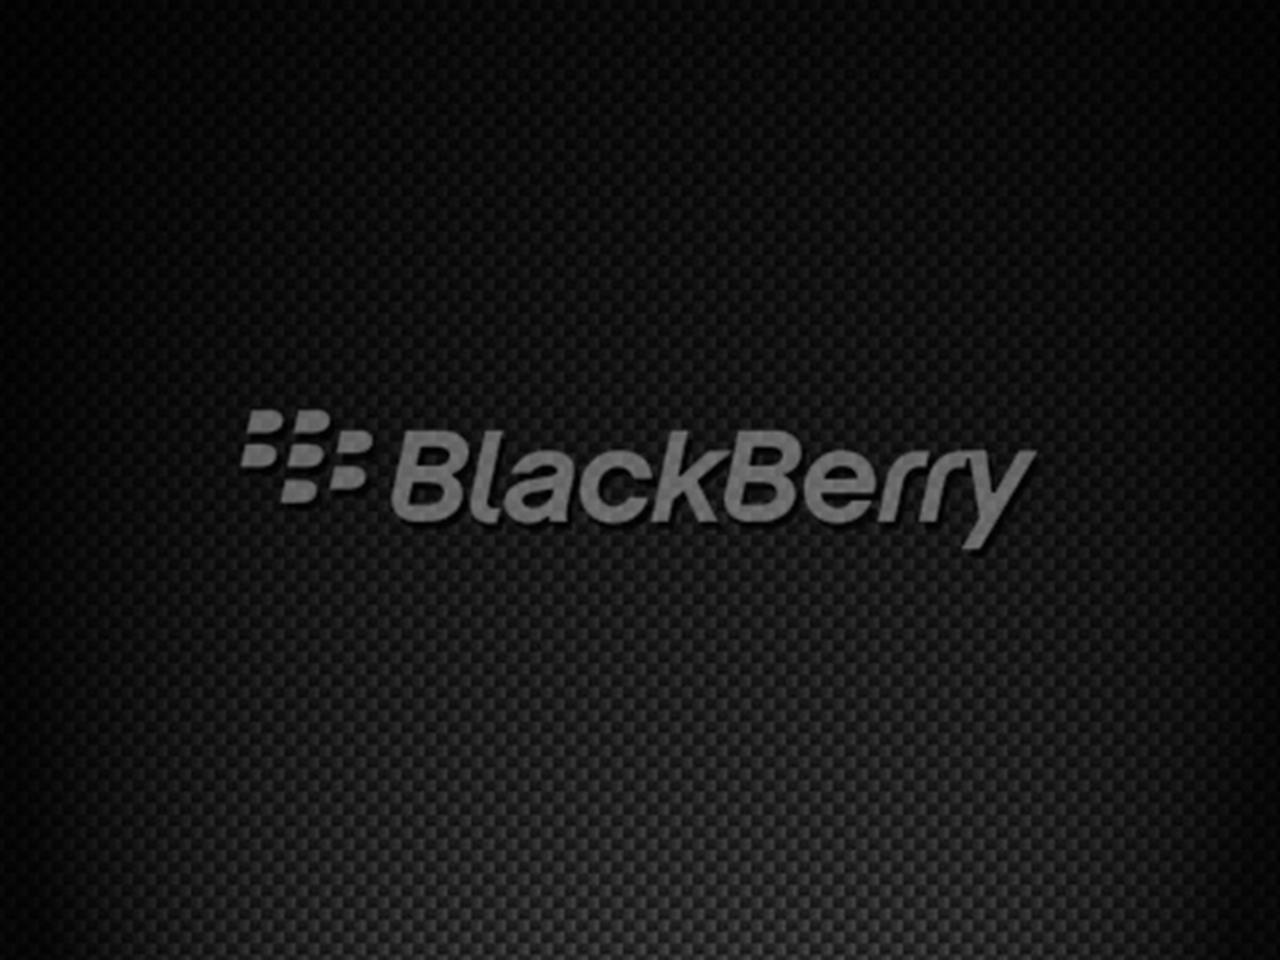 http://4.bp.blogspot.com/-kEhT-82PDBM/TgdmjtuYLTI/AAAAAAAAEZ8/129s8xClTTQ/s1600/blackberry_wallpaper_002961_1280.jpg